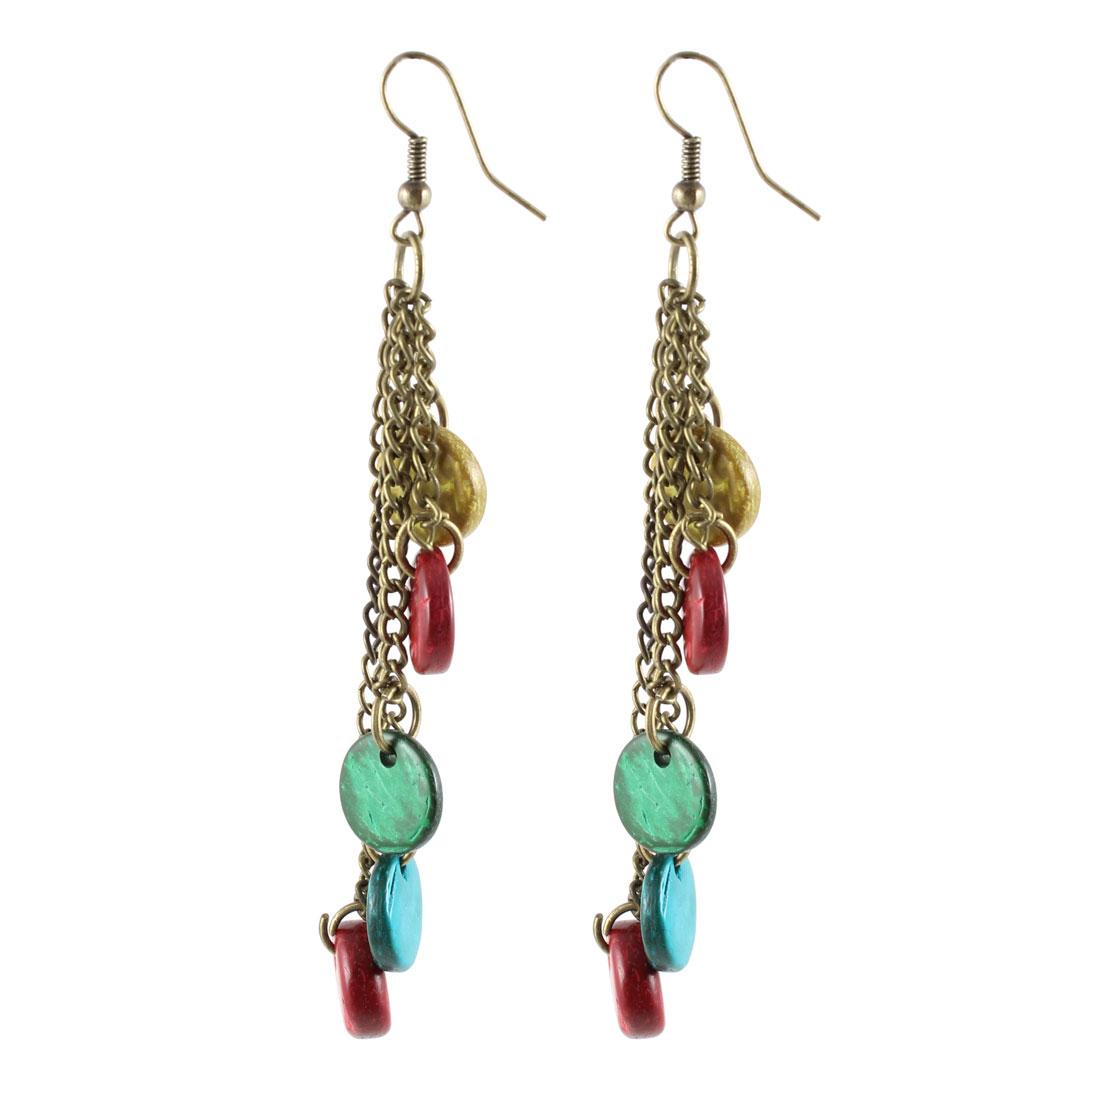 Ladies Multicolor Coconut Flat Beads Bronze Tone Metal Chain Hook Earrings Pair